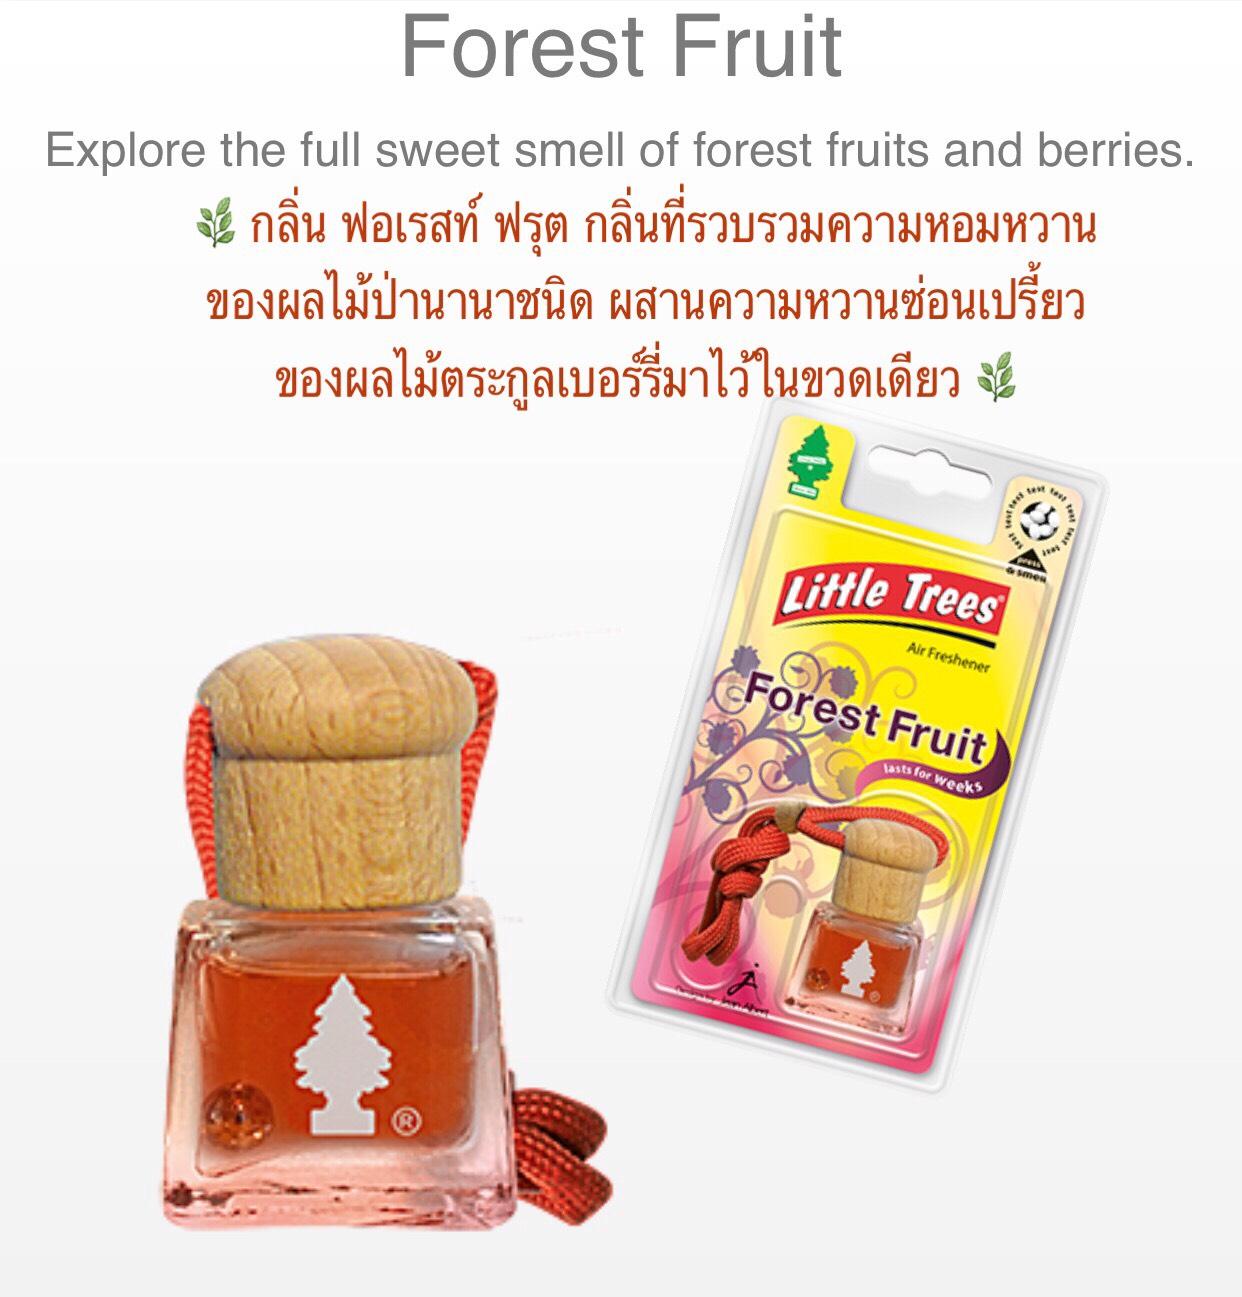 น้ำหอมขวดแก้ว ฝาไม้ Little Trees Bottles กลิ่น Forest Fruit (ผลไม้ป่า)